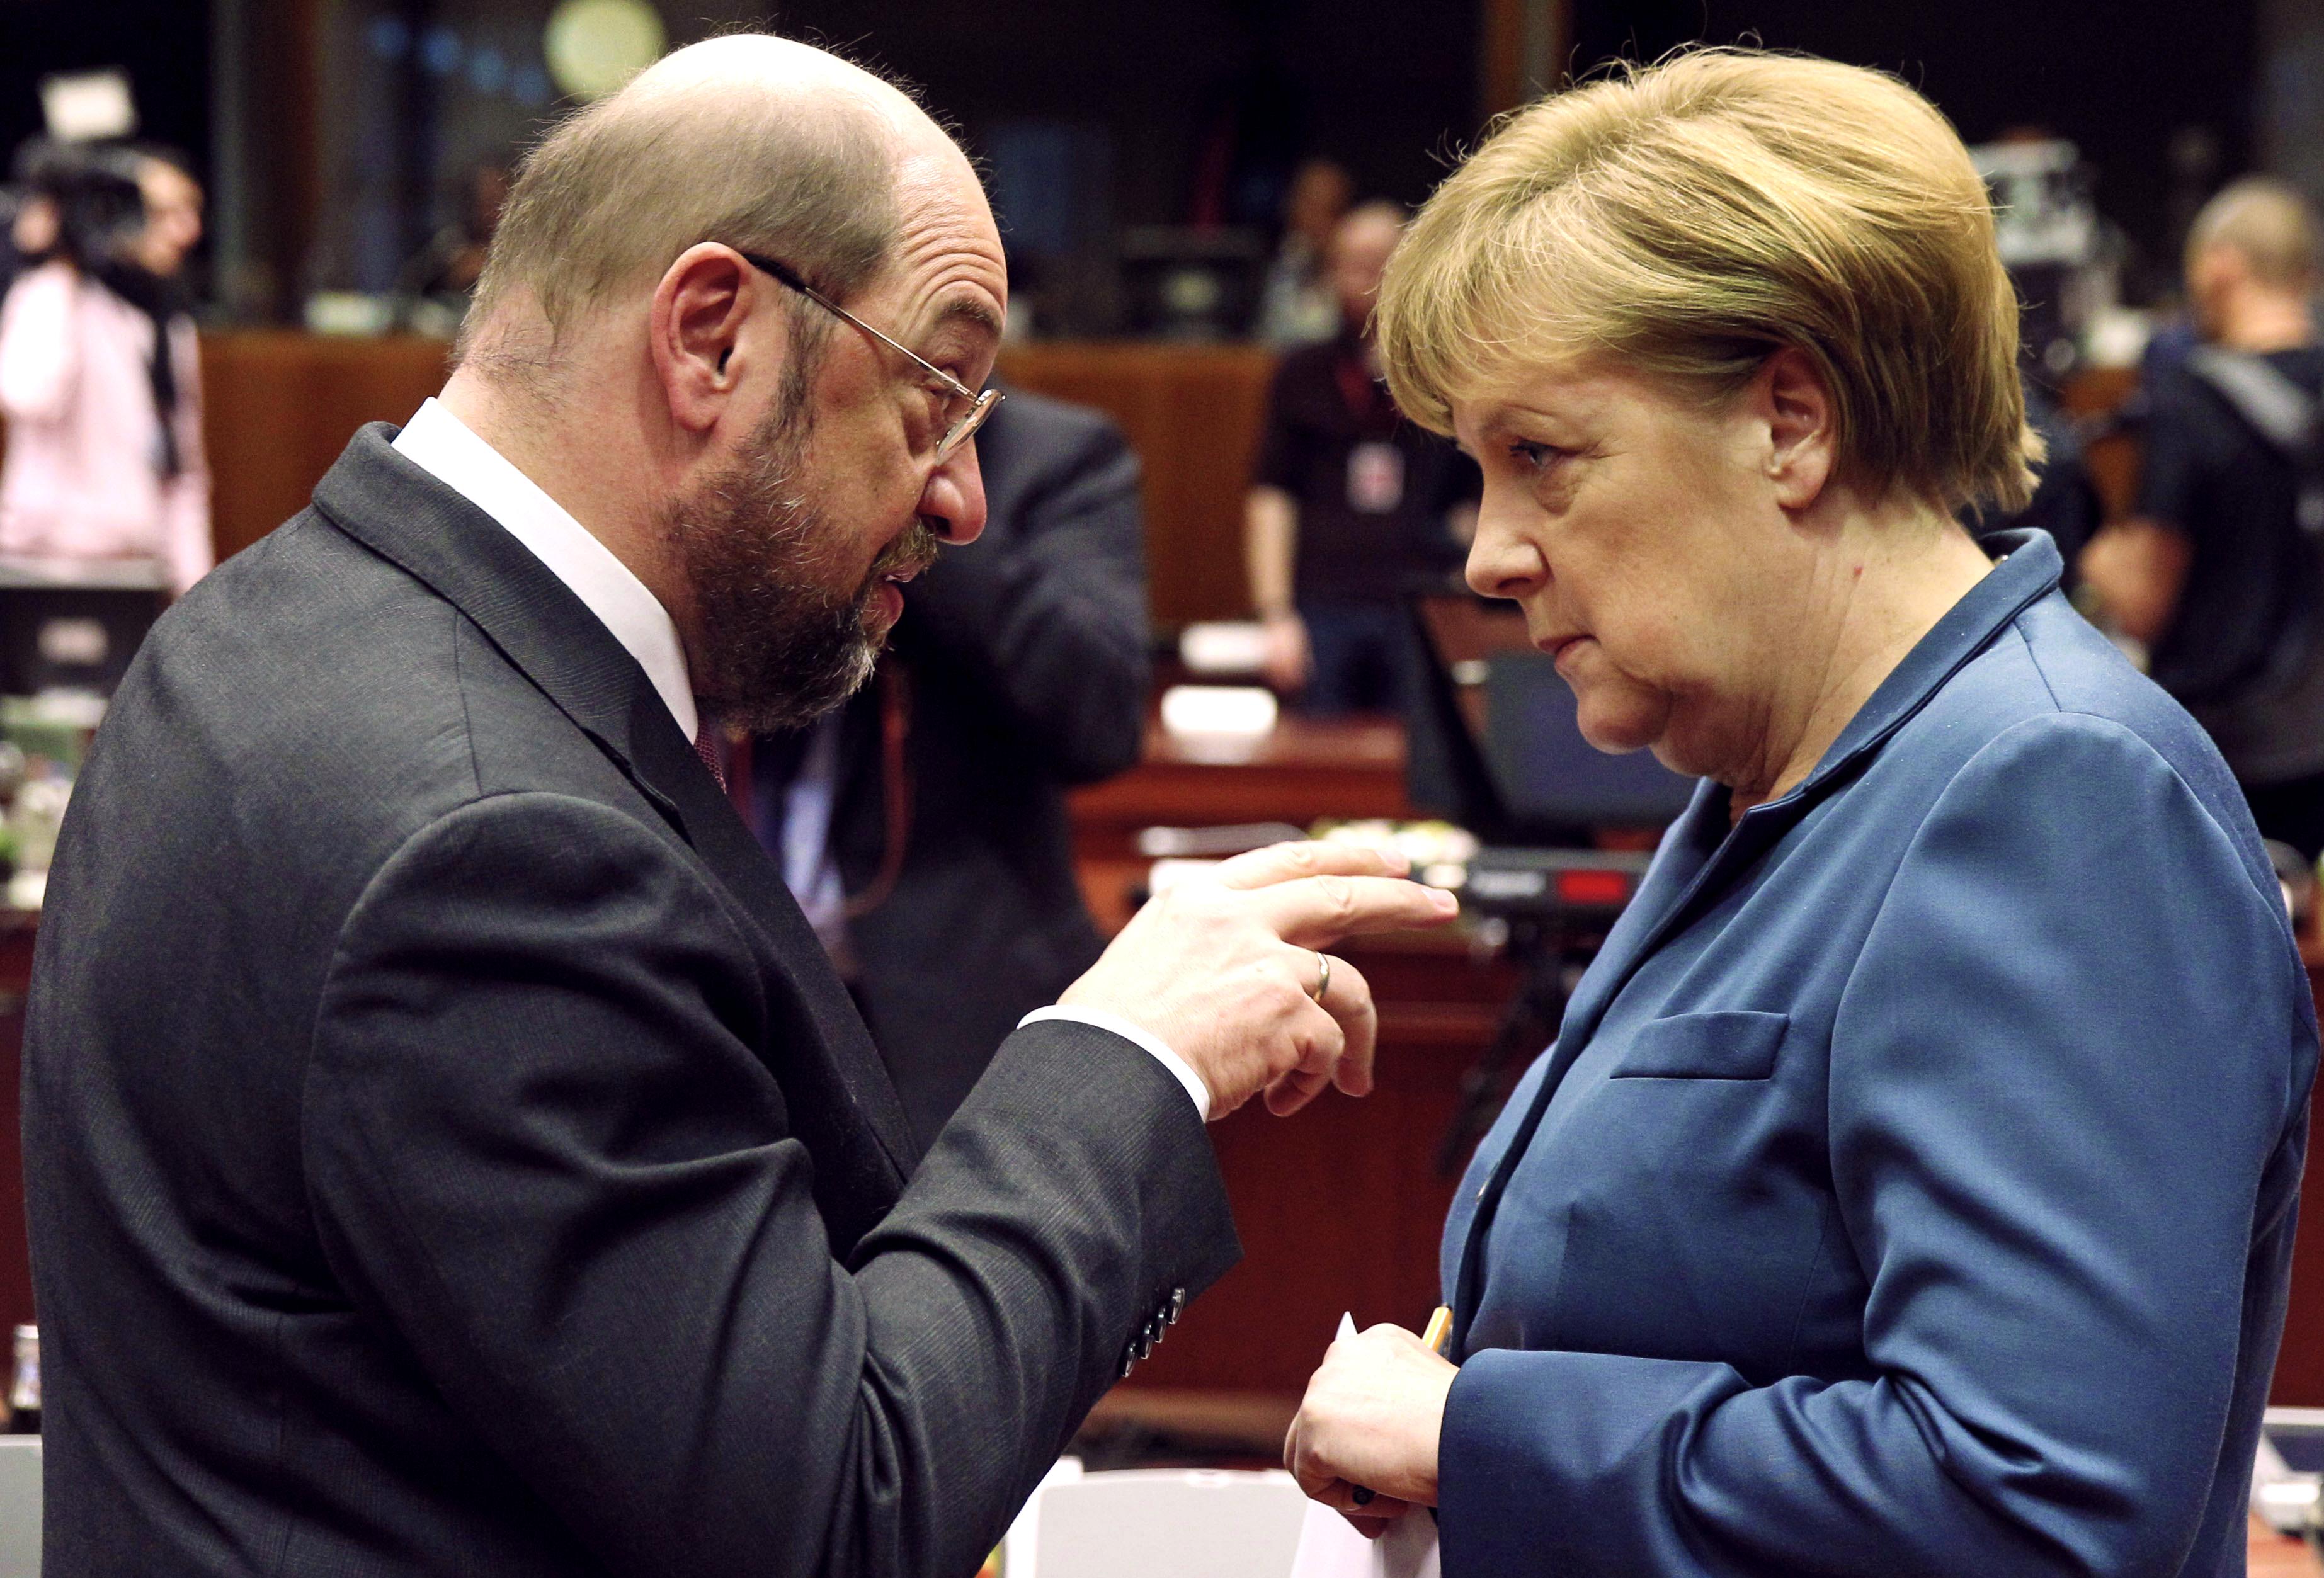 Merkelová a Schulz. Zmena na poste spolkového kancelára by mohla zatriasť aj samotnou euromenou, pretože euro je iba nemeckou markou vytlačenou na európskom papieri. (Foto: archív)